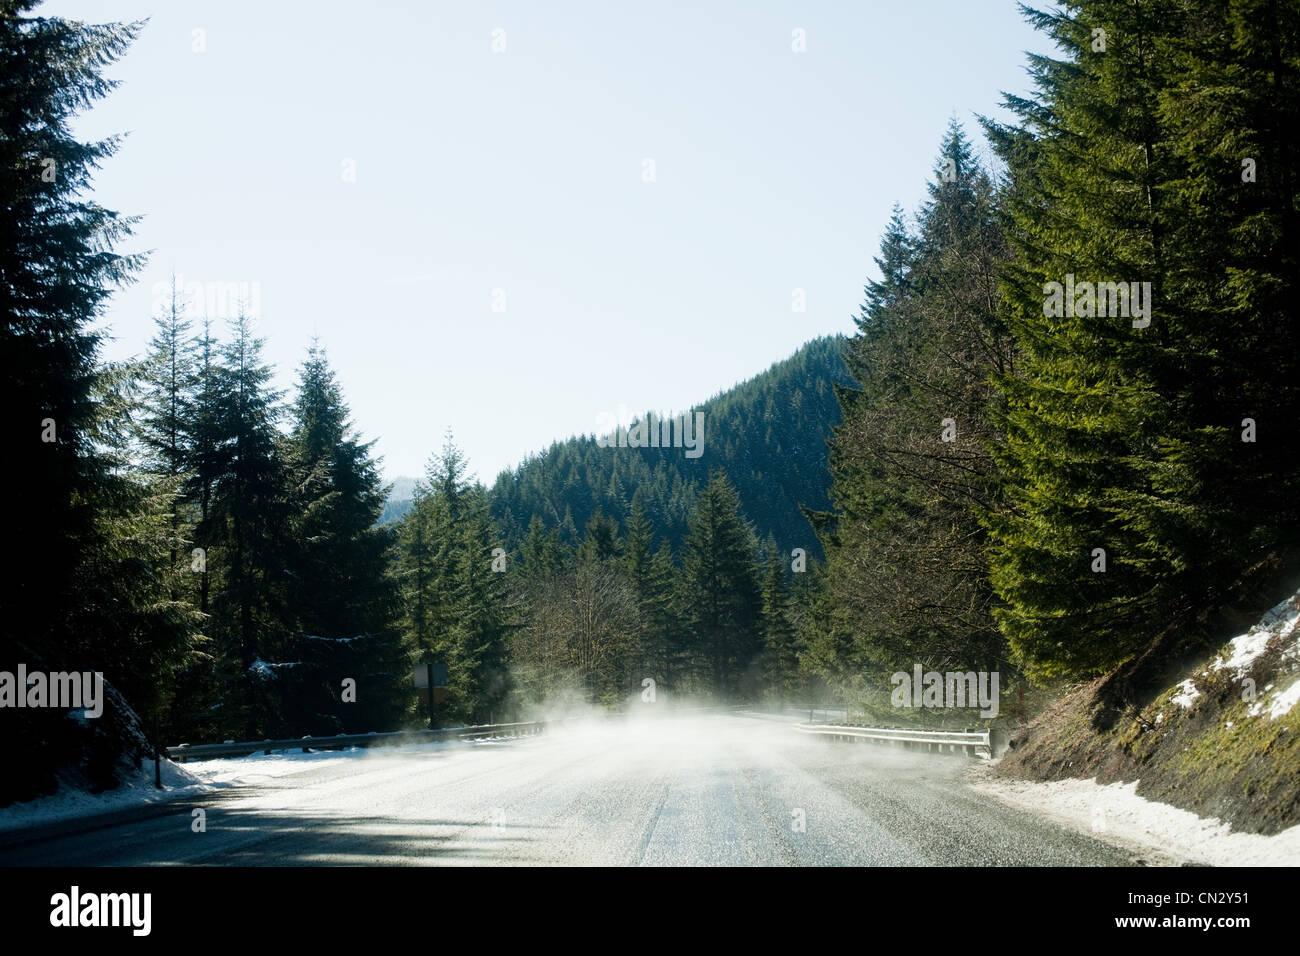 Camino en un bosque vacío Imagen De Stock